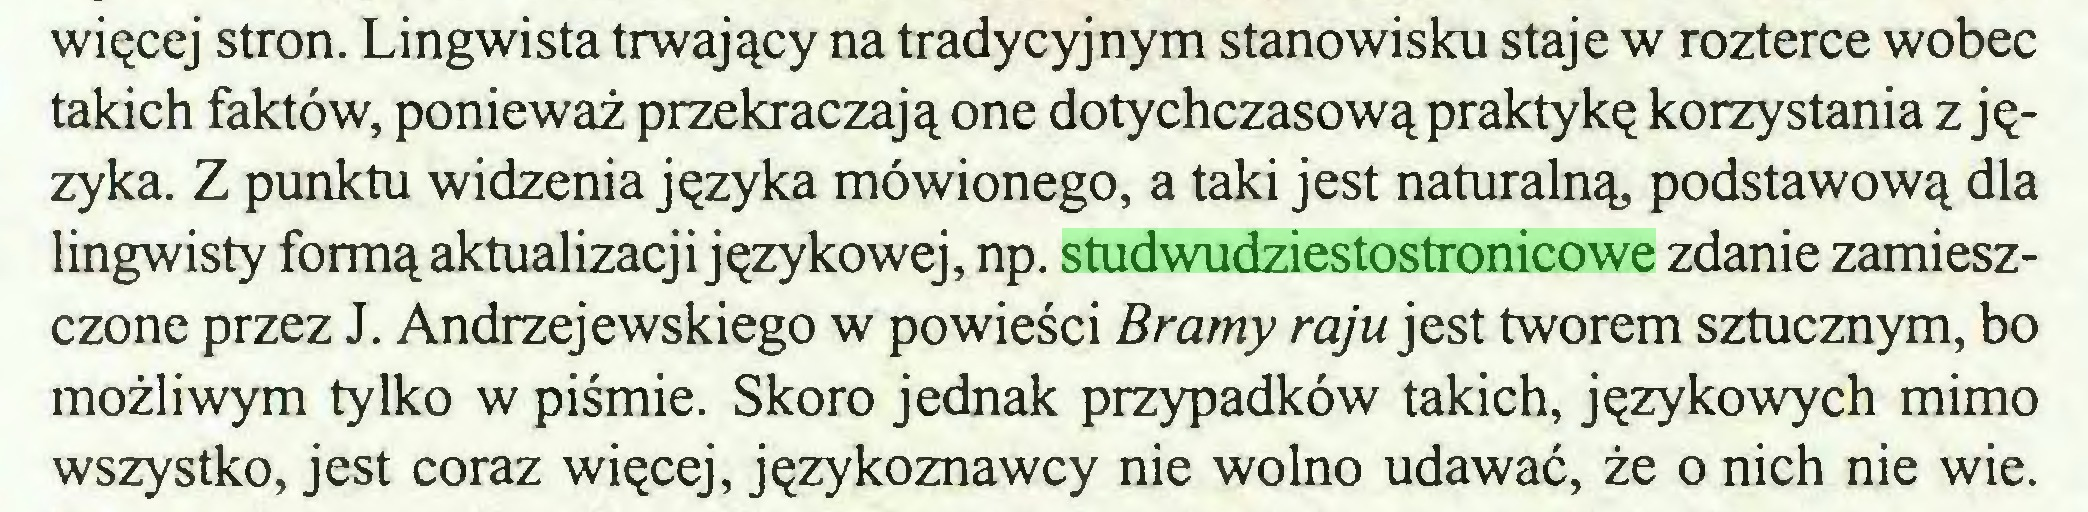 (...) więcej stron. Lingwista trwający na tradycyjnym stanowisku staje w rozterce wobec takich faktów, ponieważ przekraczają one dotychczasową praktykę korzystania z języka. Z punktu widzenia języka mówionego, a taki jest naturalną, podstawową dla lingwisty formą aktualizacji językowej, np. studwudziestostronicowe zdanie zamieszczone przez J. Andrzejewskiego w powieści Bramy raju jest tworem sztucznym, bo możliwym tylko w piśmie. Skoro jednak przypadków takich, językowych mimo wszystko, jest coraz więcej, językoznawcy nie wolno udawać, że o nich nie wie...